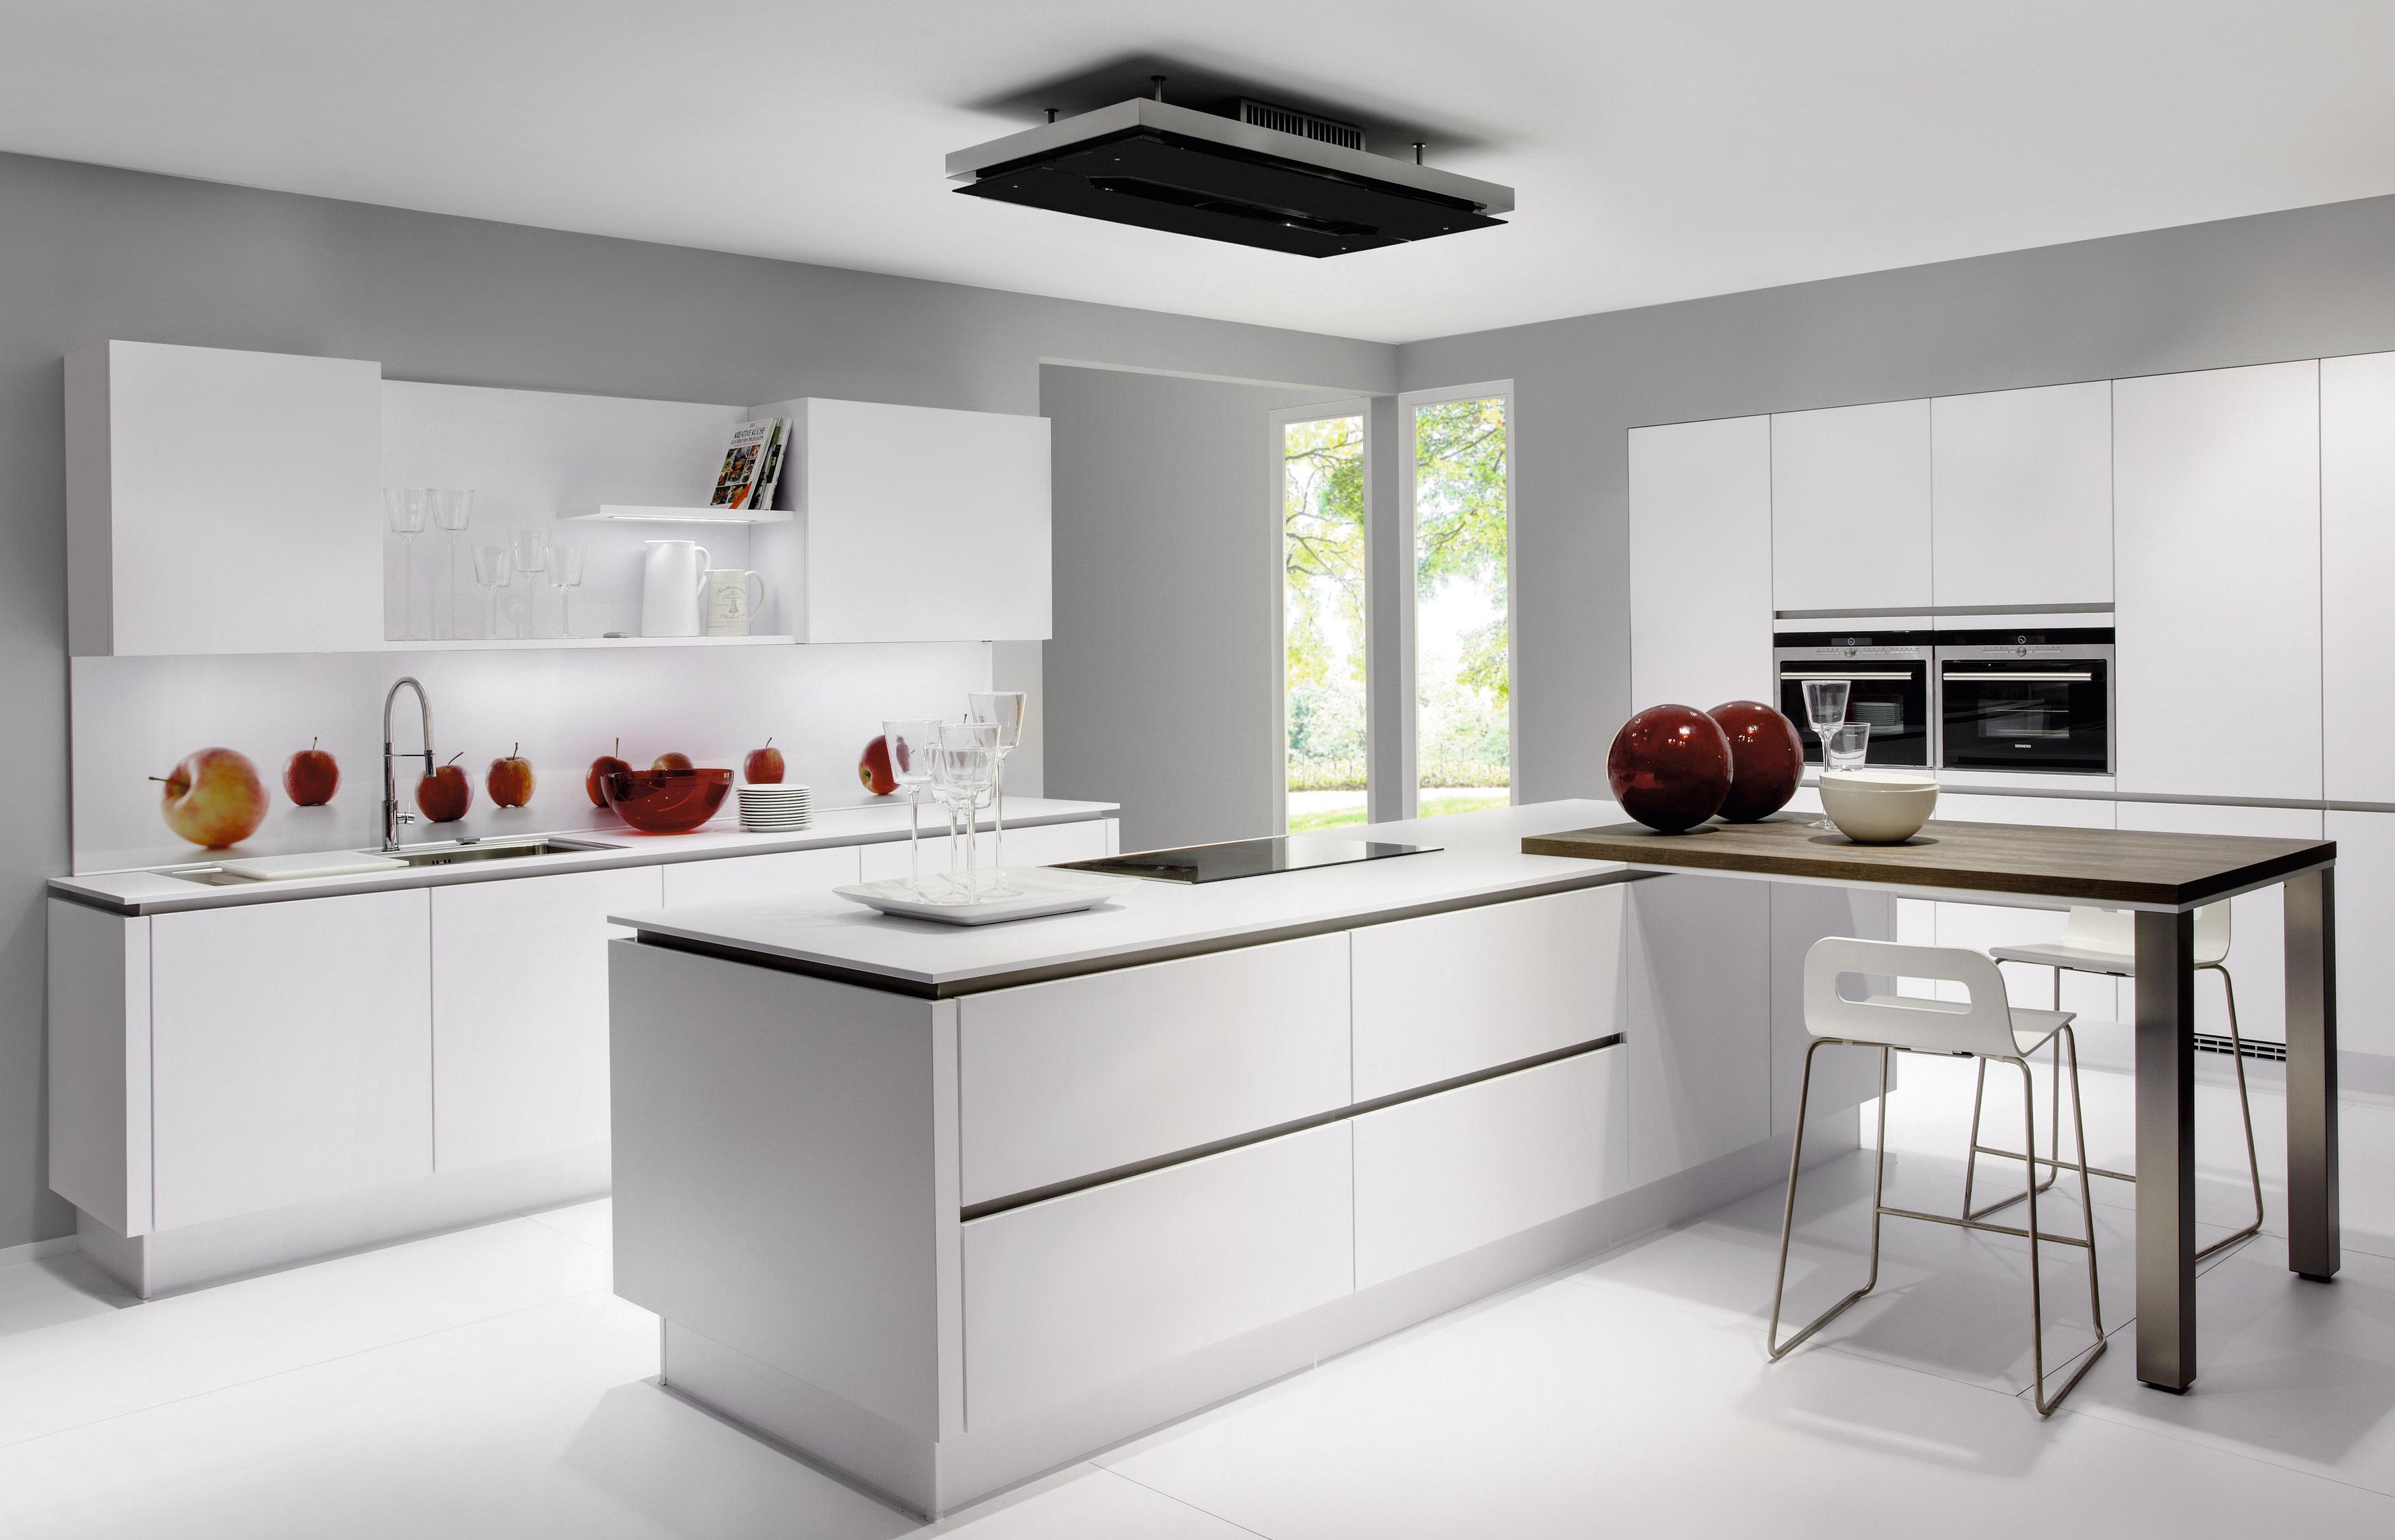 Cocinas azulejos y cocinas fuentes for Azulejos cadiz